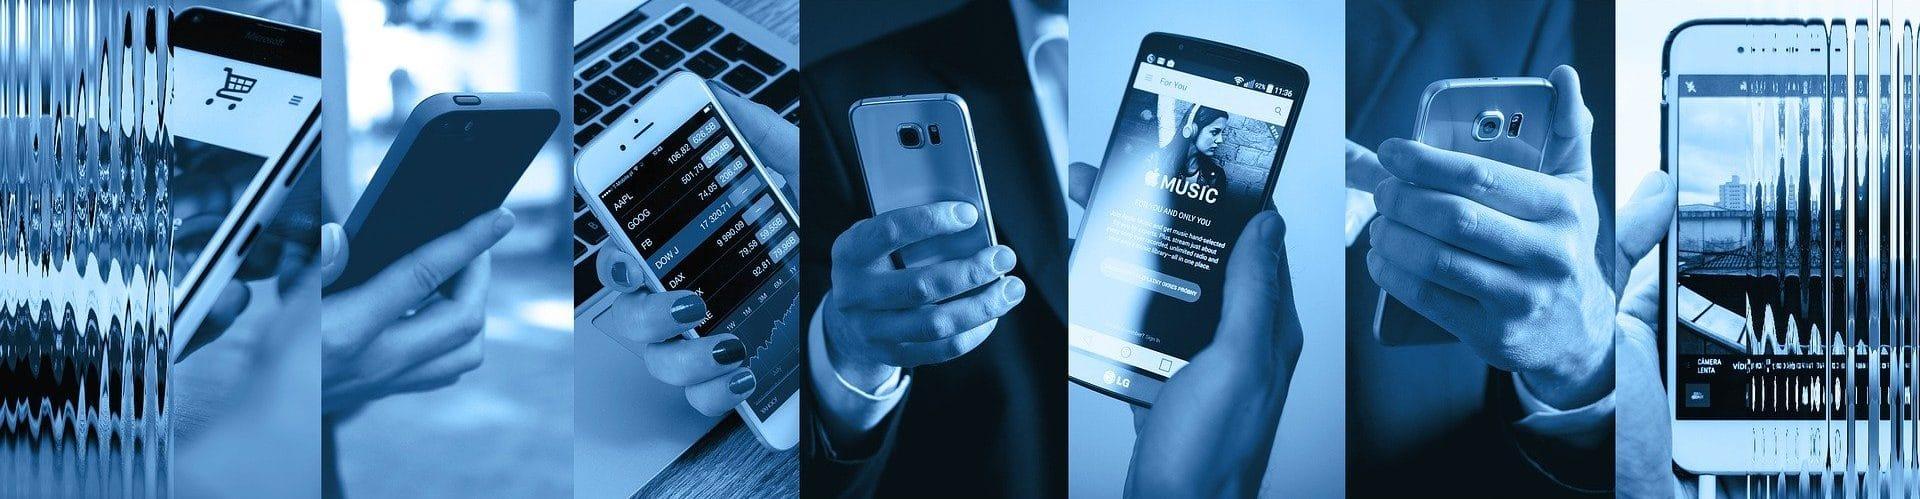 Handy, Smartphone